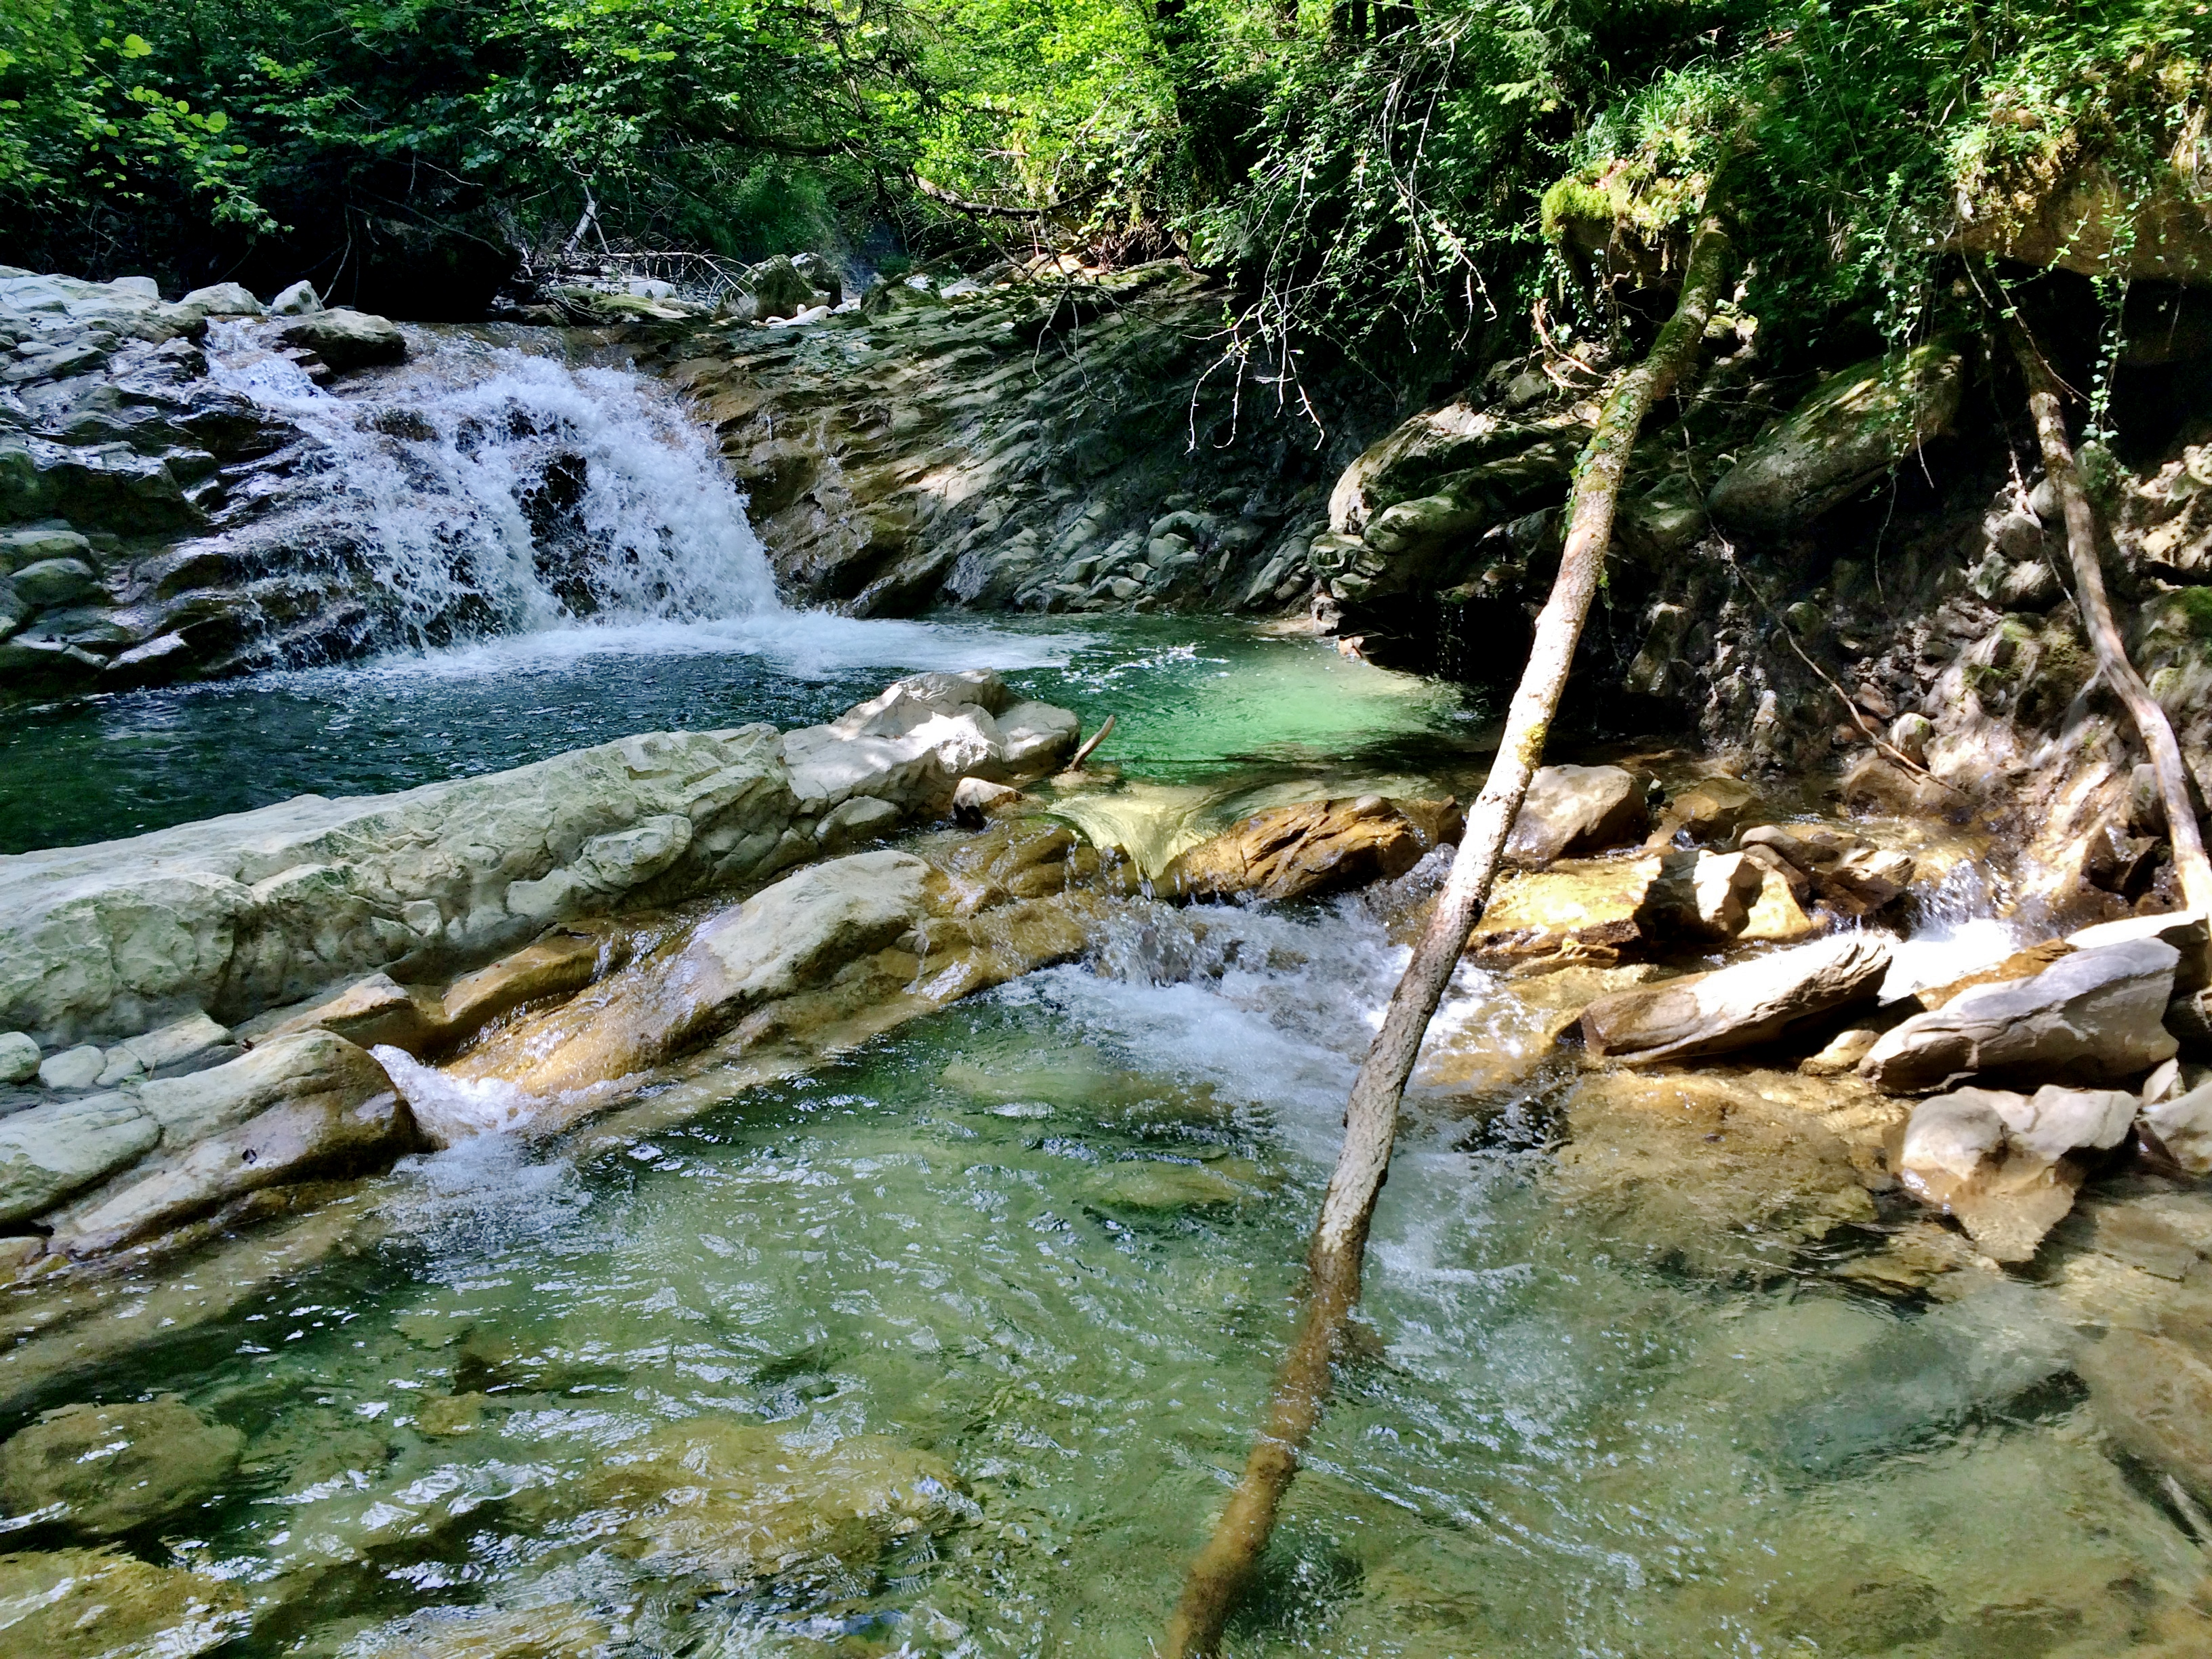 La Leysse un peu en amont de la confluence avec le ruisseau du Pontet au niveau de la commune de Thoiry